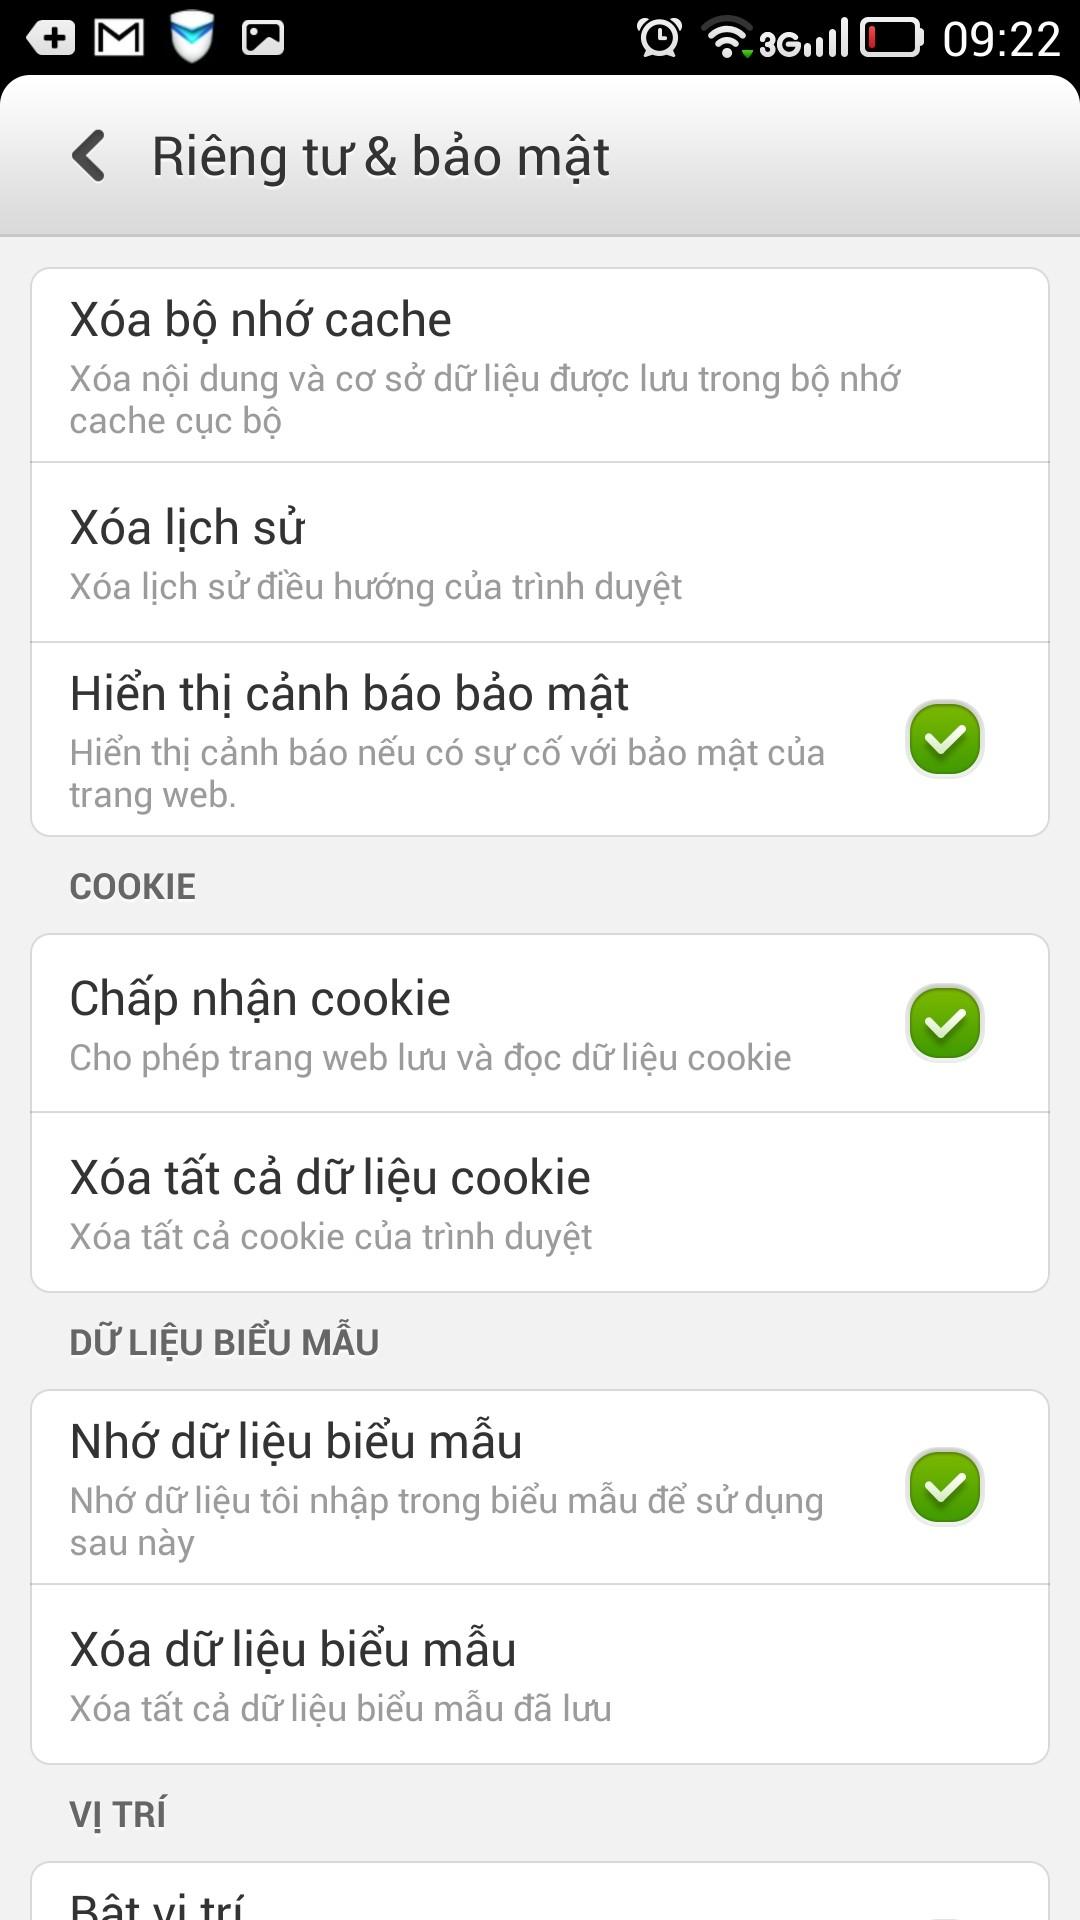 Chrome Clear Cache1 - [Android] Xoá bộ nhớ cache của trình duyệt